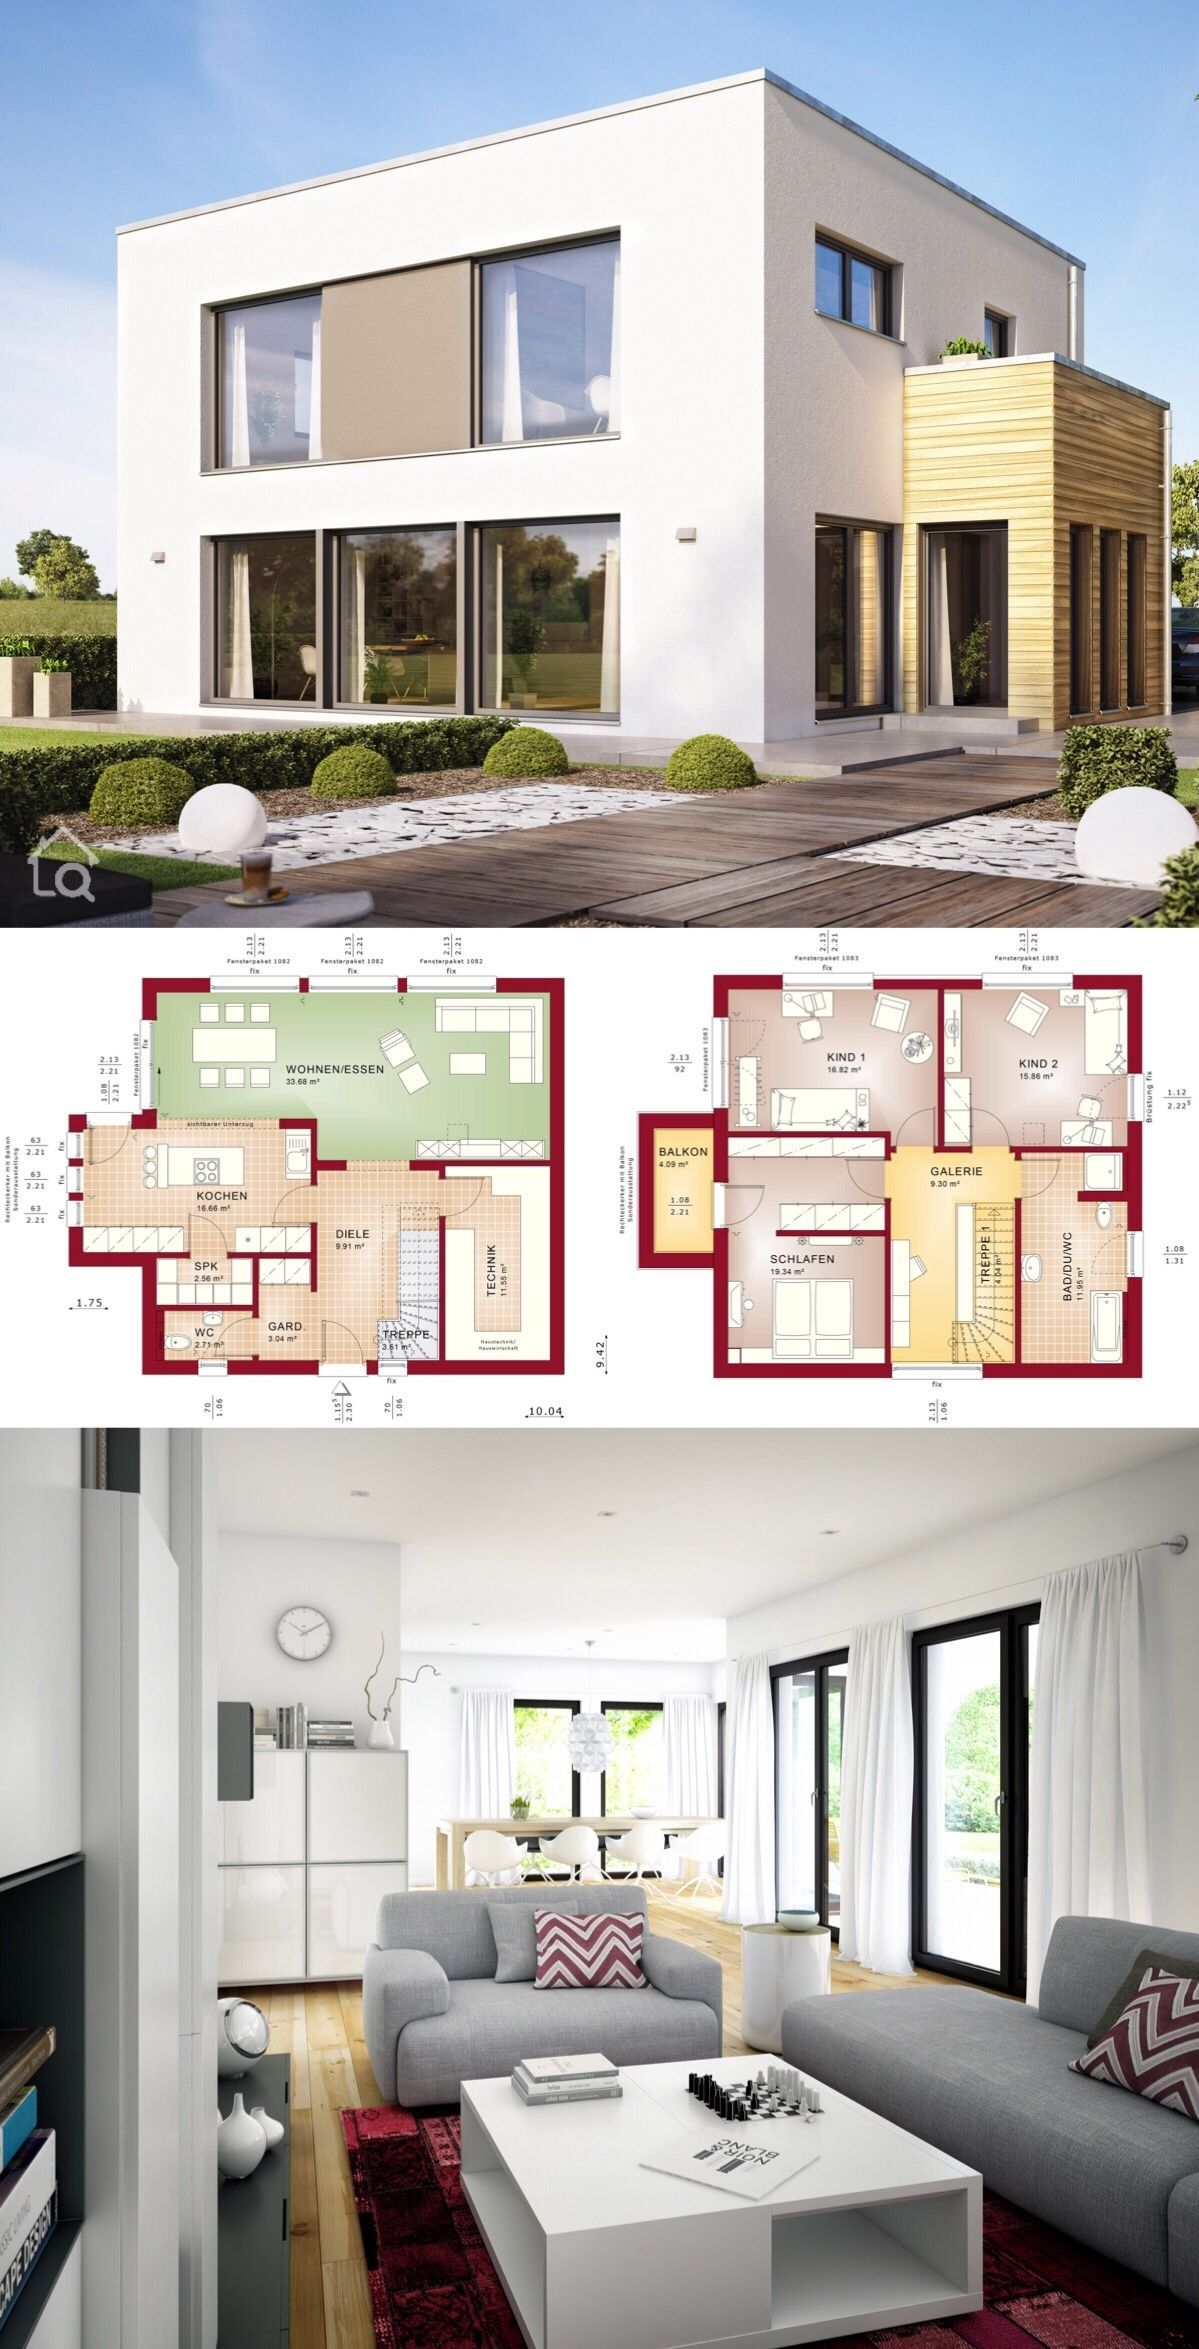 Einfamilienhaus modern mit Flachdach Architektur im Bauhaus Stil ...